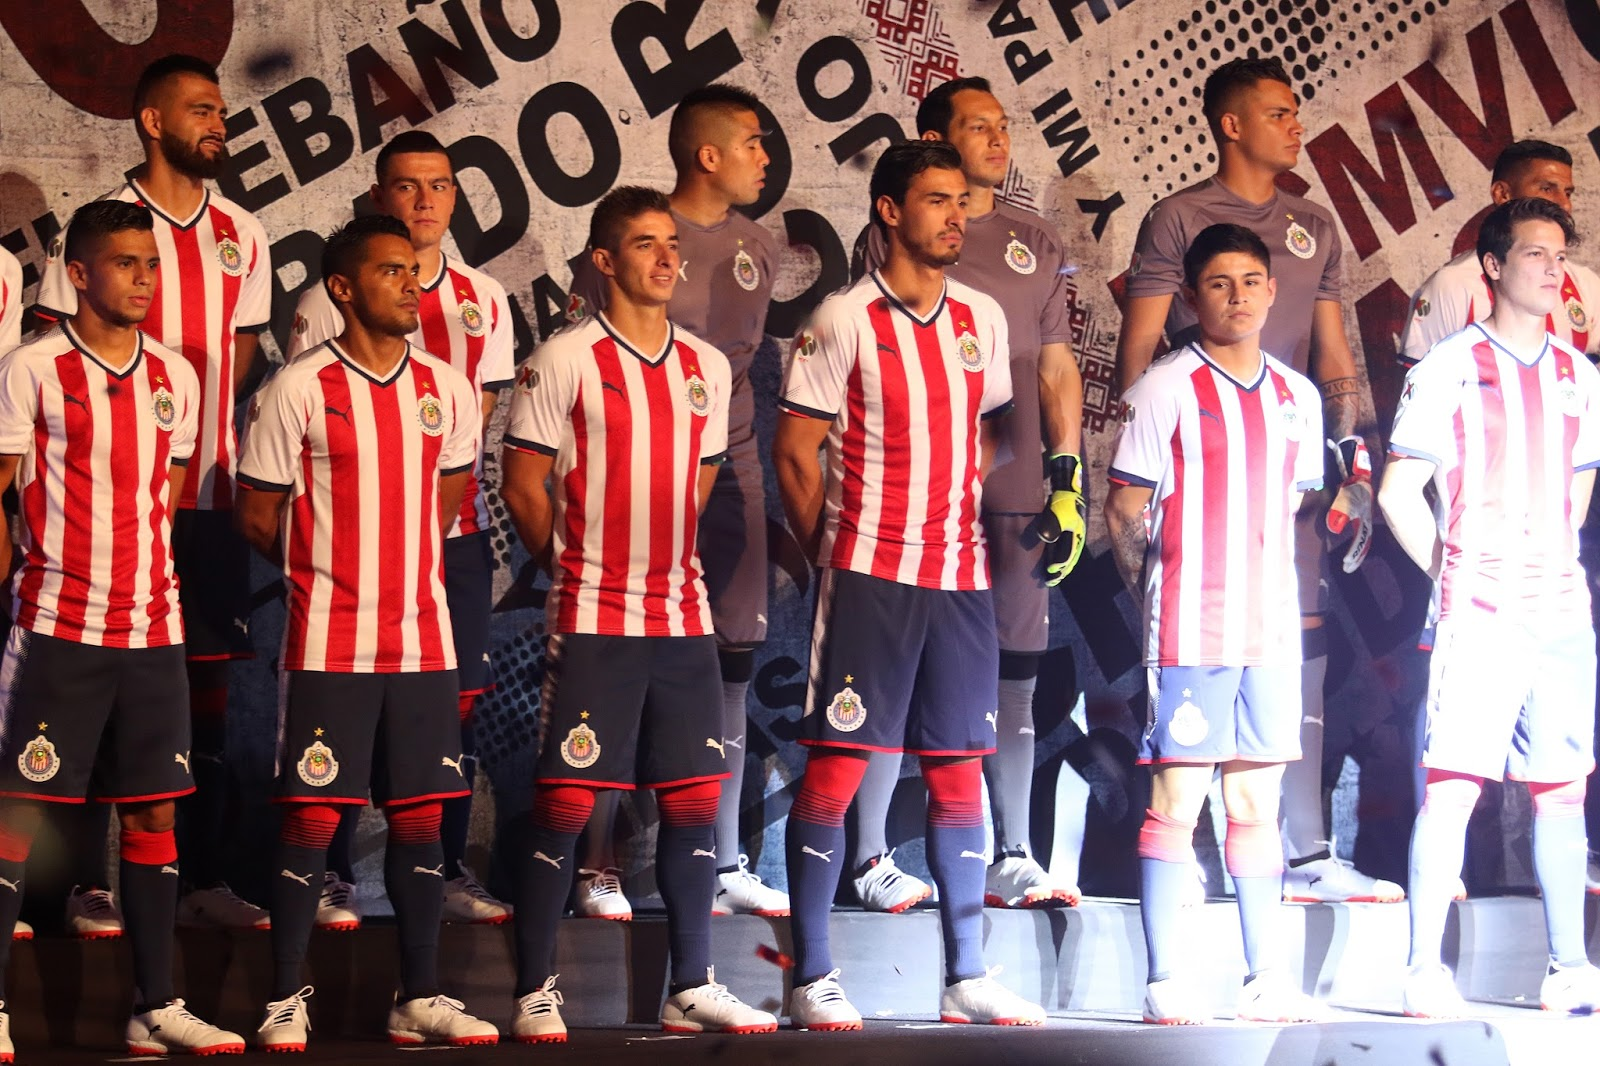 La nueva playera se presentó en una ceremonia en el Estadio Chivas.